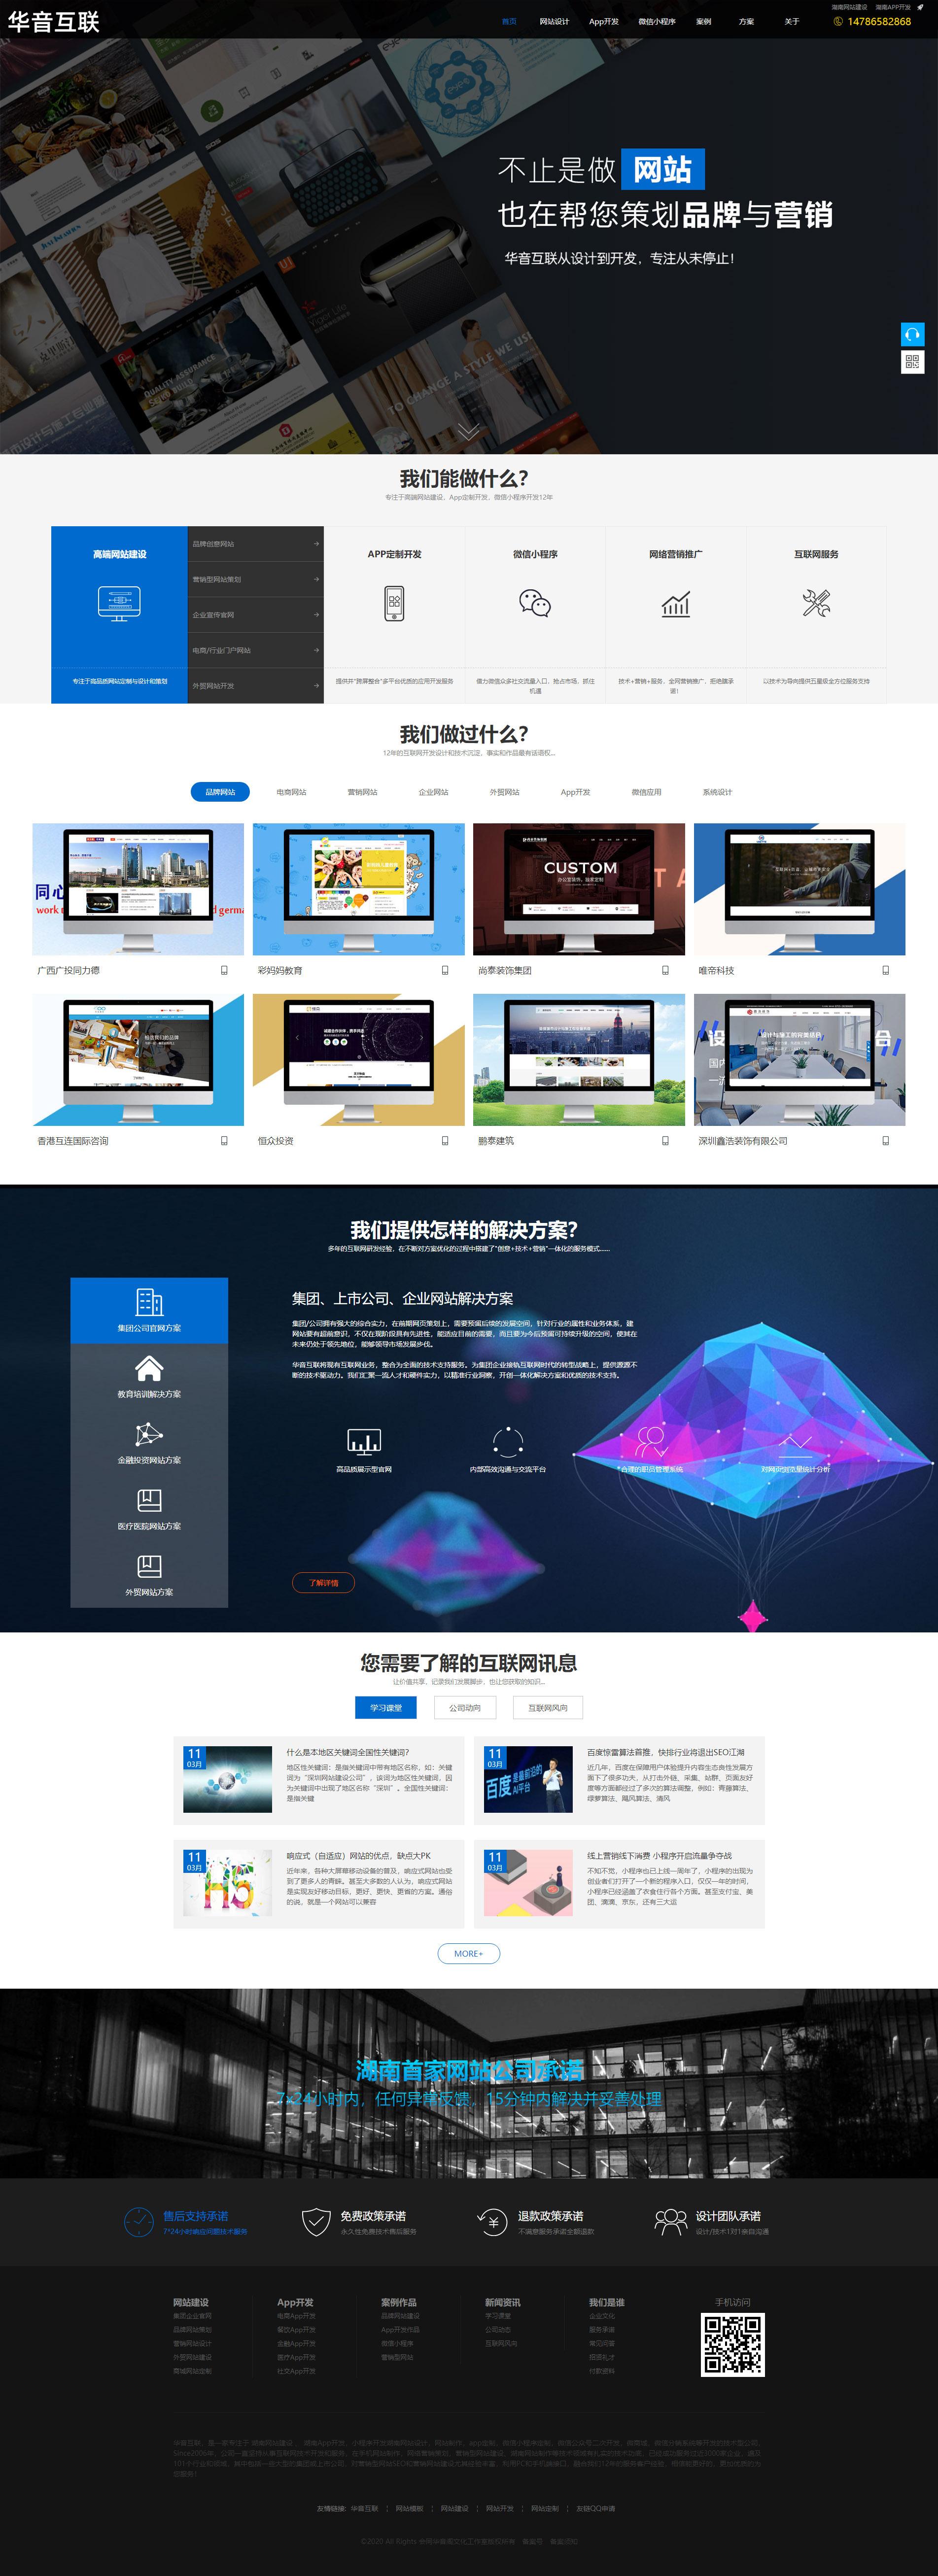 帝国CMS企业/公司/工作室网站模板整站源码插图(1)